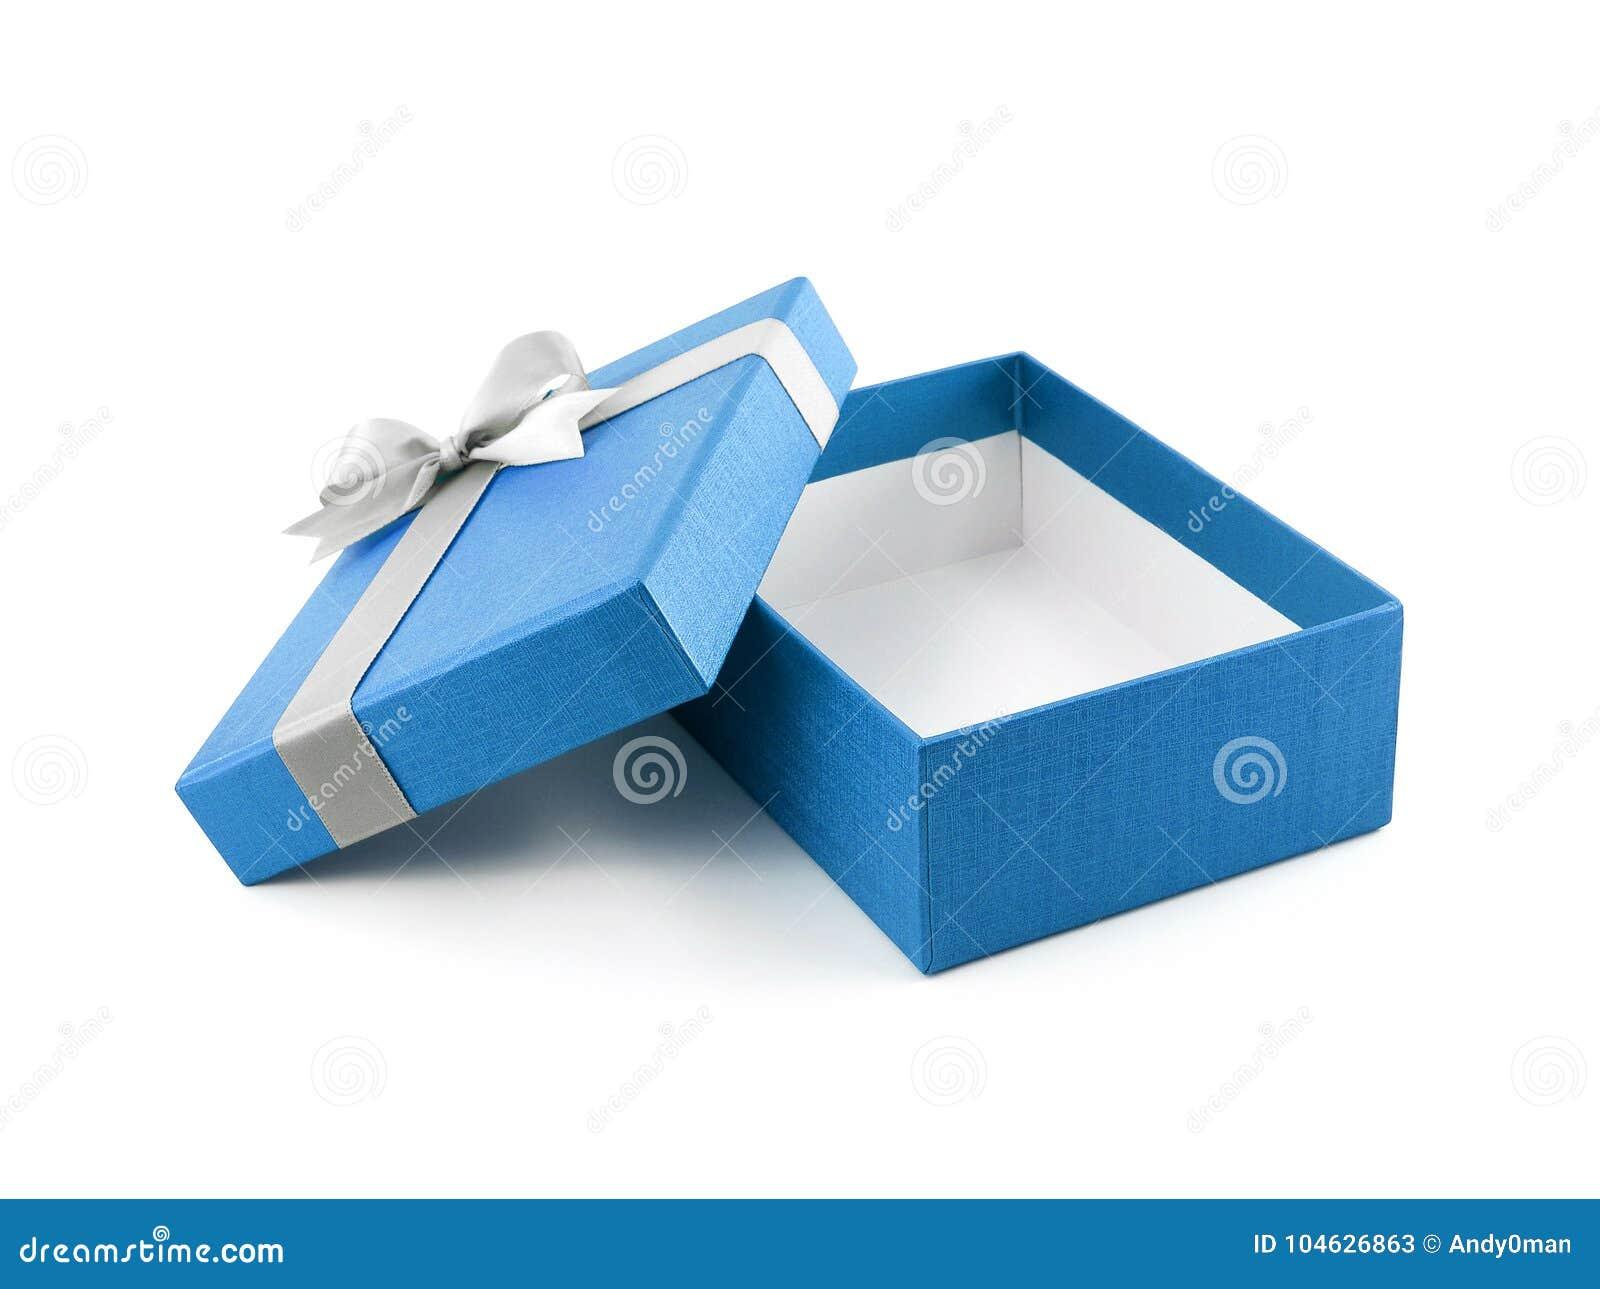 Download Open En Lege Blauwe Giftdoos Met Witte Lintboog Op Witte Achtergrond Stock Afbeelding - Afbeelding bestaande uit gift, ontwerp: 104626863